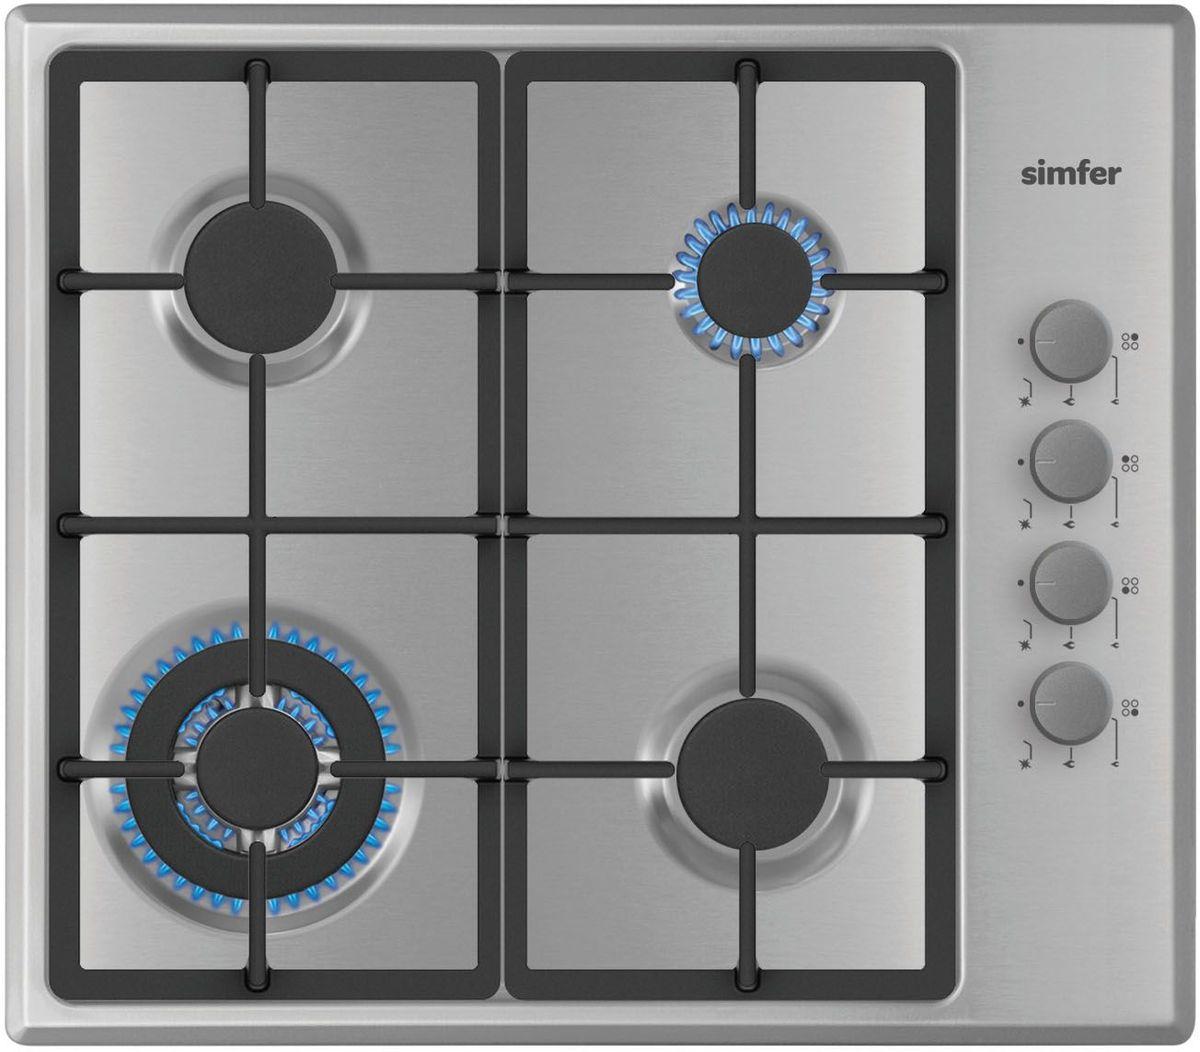 Simfer H60Q41M411 панель варочная газоваяH60Q41M411Газовая варочная панель Simfer H60Q41M411 с чистым пламенем доведет вашу сковороду до нужной температуры без всяких задержек. Включите её и всё днище сковороды будет моментально нагрето.Simfer H60Q41M411 упрощает приготовление и делает его безопаснее благодаря особой форме подставок, обеспечивающих абсолютную устойчивость посуды.Нет способа быстрее и удобнее для того, чтобы разжечь конфорку, чем автоподжиг варочной панели. Просто поверните ручку, чтобы открыть и зажечь газ одним плавным движением.